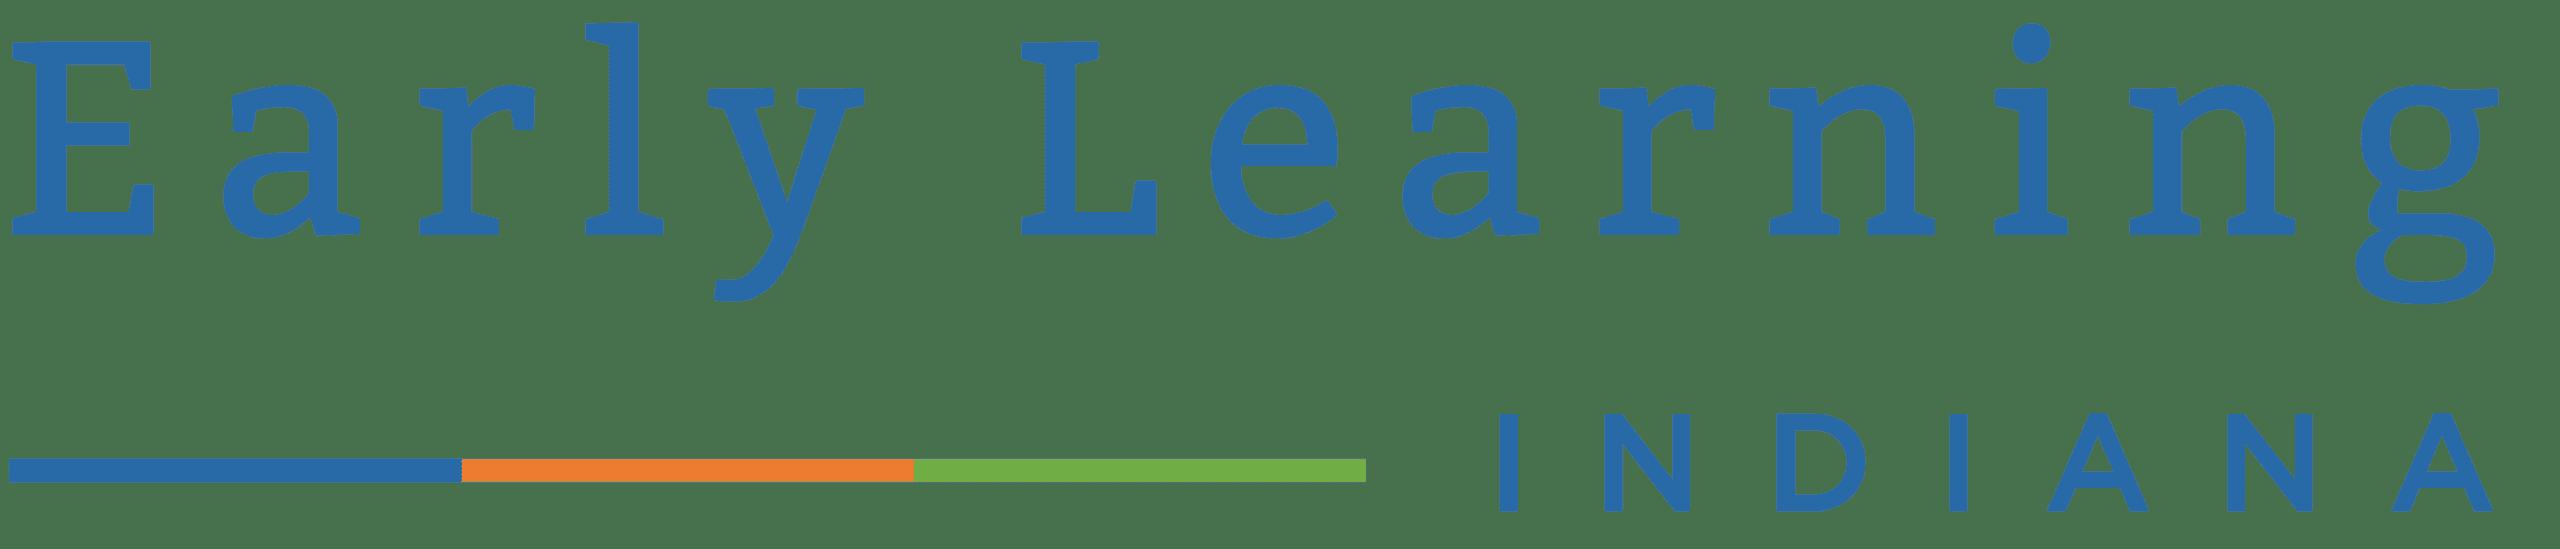 ELI-new-logo (002) (002)